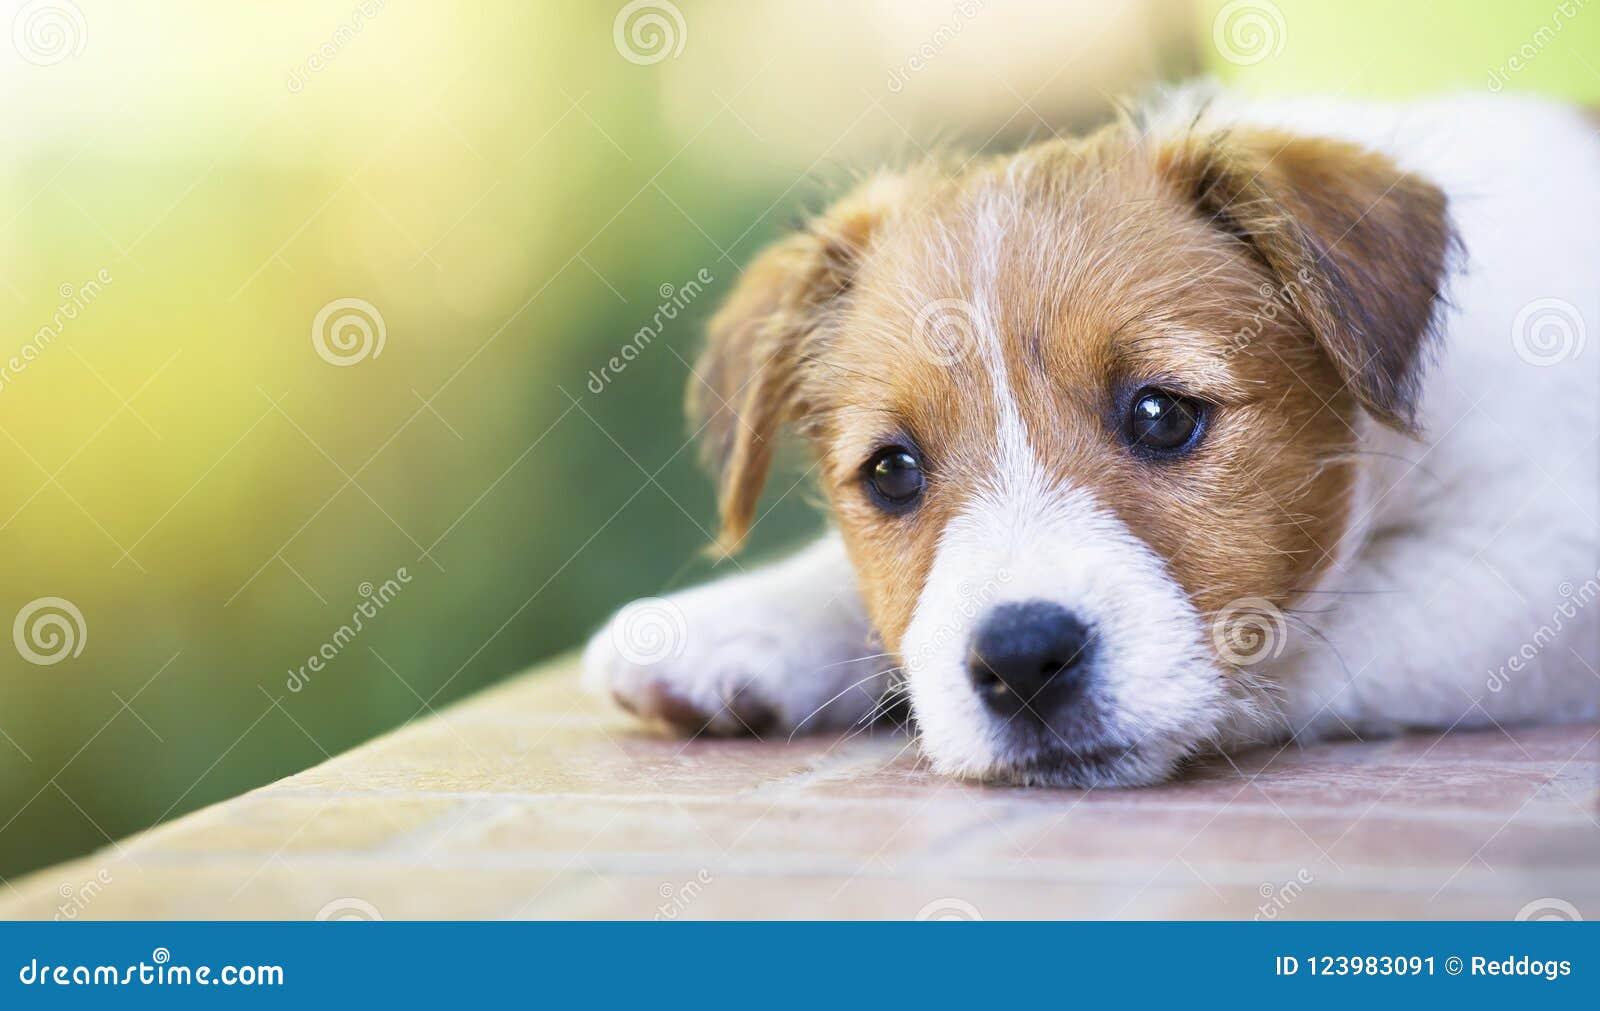 Cachorrinho bonito adorável do animal de estimação que pensa - persiga o conceito da terapia